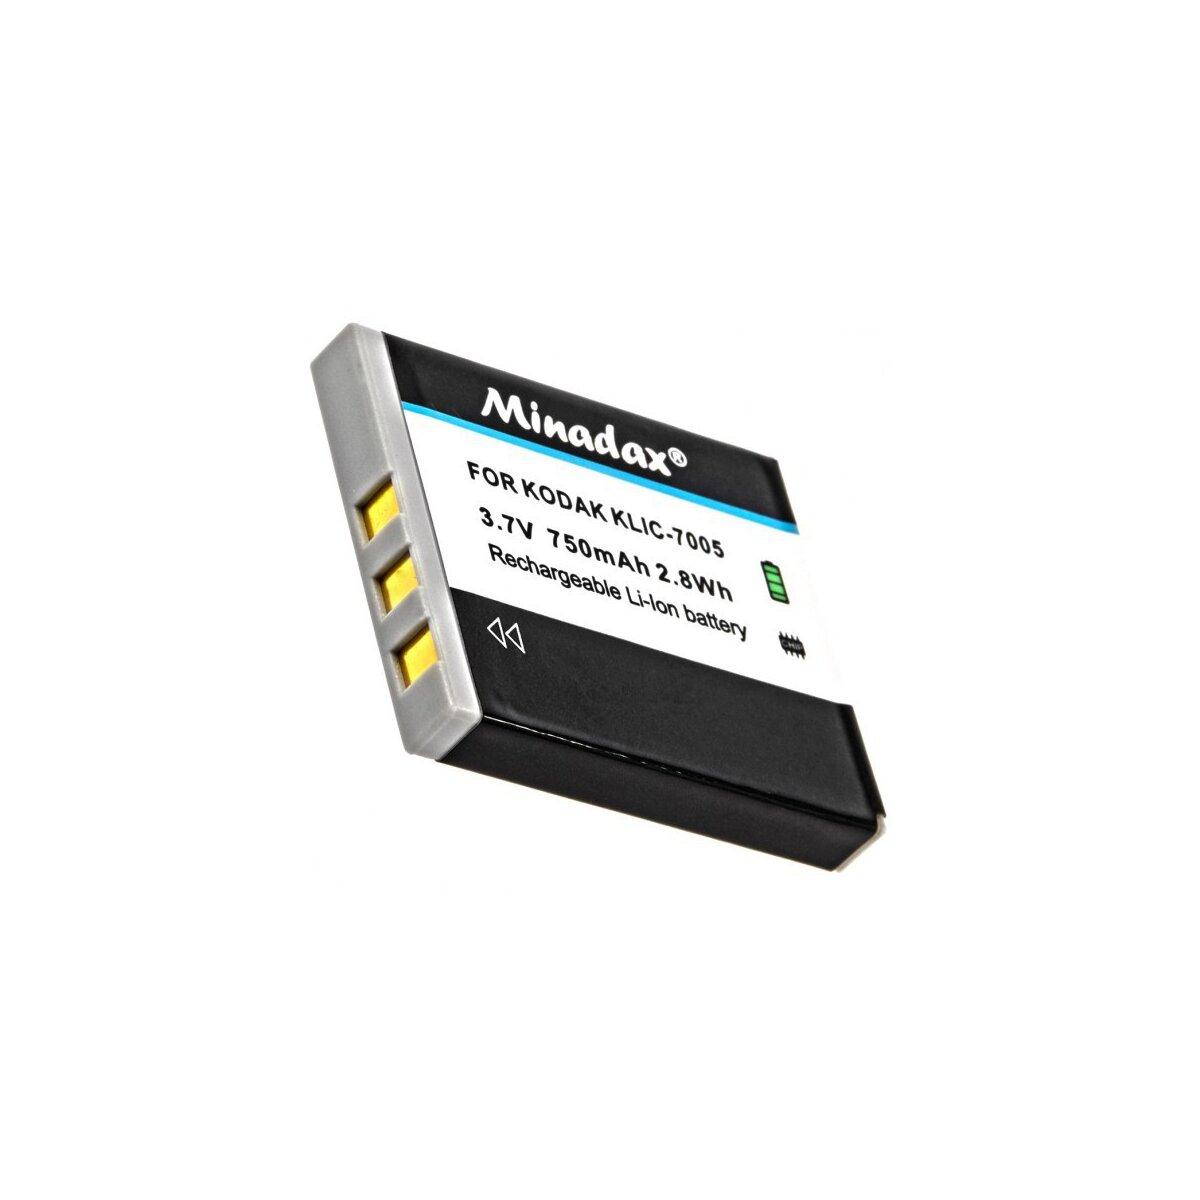 Minadax® Qualitaetsakku mit echten 750 mAh fuer Kodak EasyShare C763, wie KLIC-7005 - Intelligentes Akkusystem mit Chip